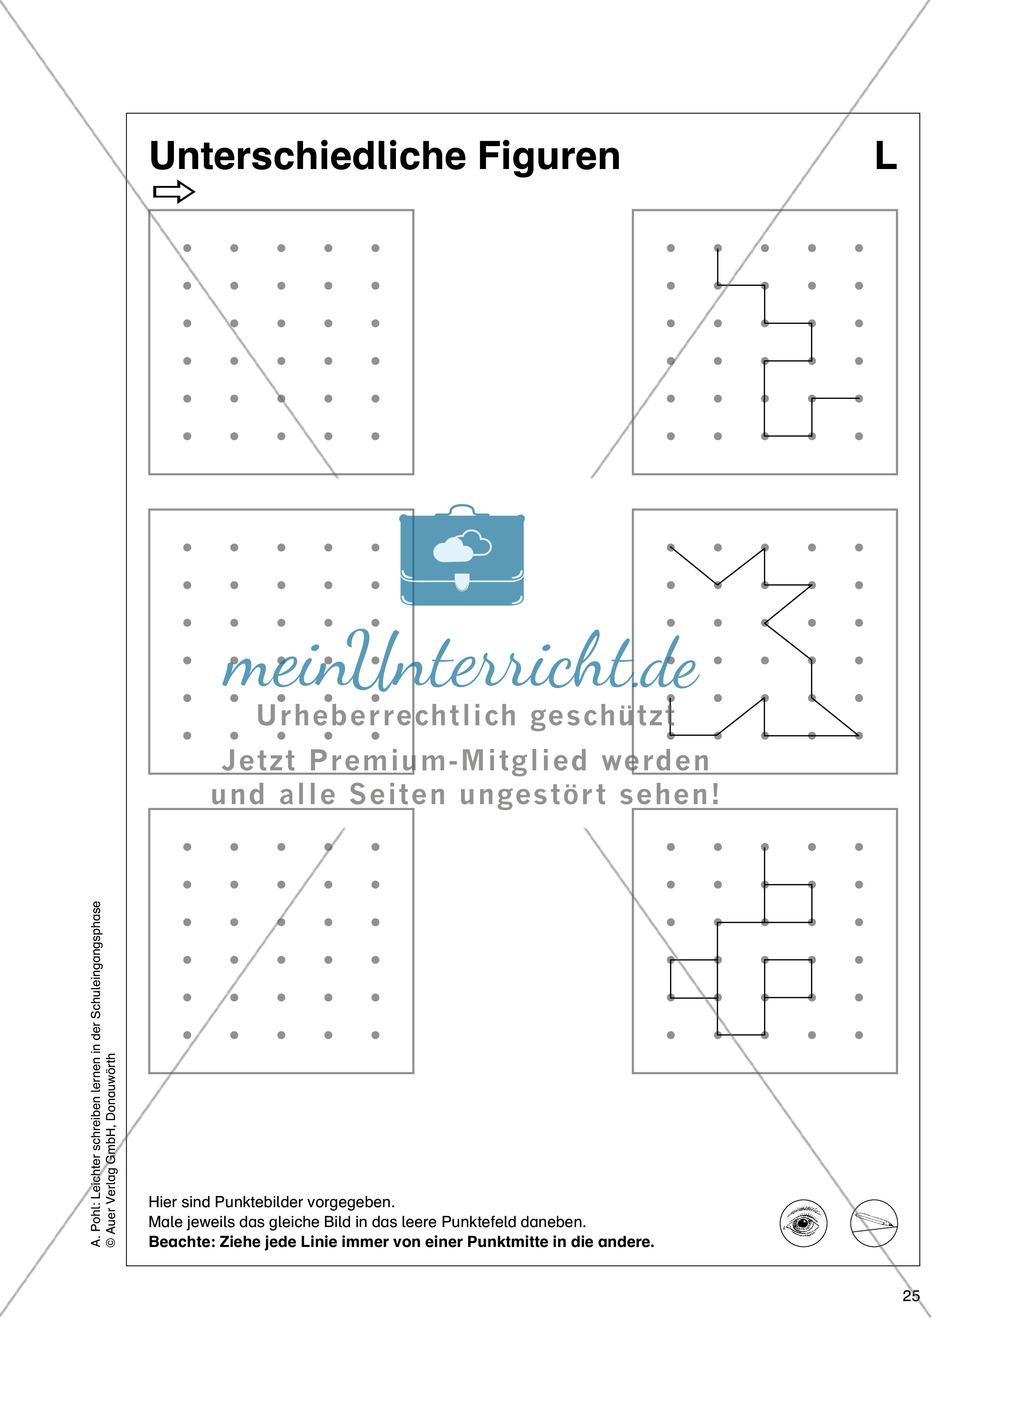 """Feinmotorik und Wahrnehmung: """"Waagrechte - Senkrechte -Schräge Linien malen und schreiben"""" - Arbeitsblätter +Übungen Preview 16"""